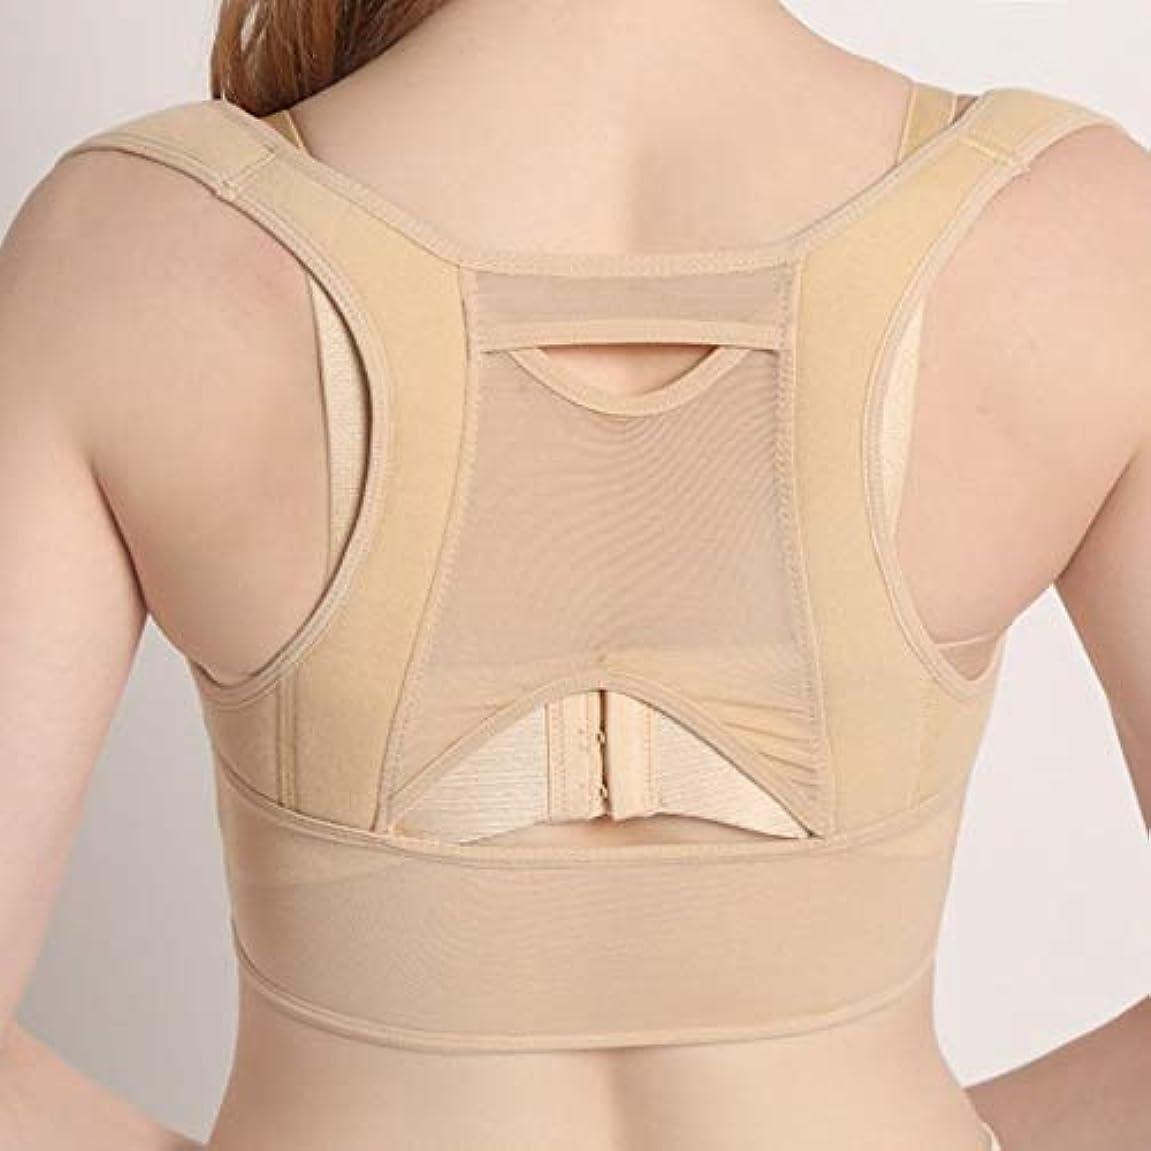 守るスリチンモイ架空の通気性のある女性の背中の姿勢矯正コルセット整形外科の肩の背骨の姿勢矯正腰椎サポート - ベージュホワイトM